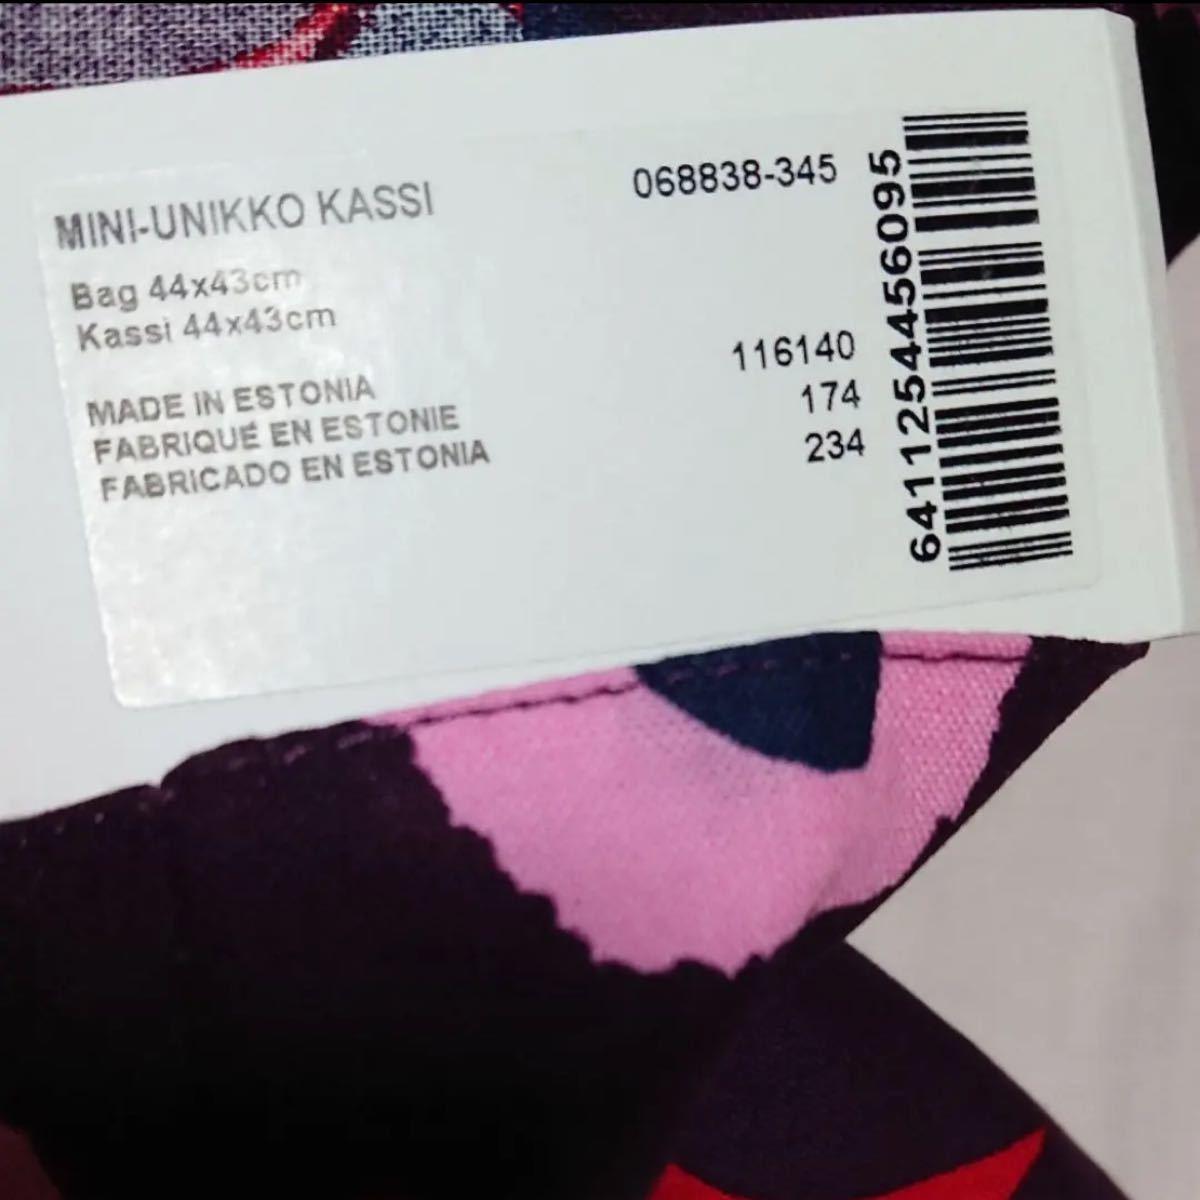 マリメッコ marimekko エコバッグ トートバッグ ミニ ウニッコ